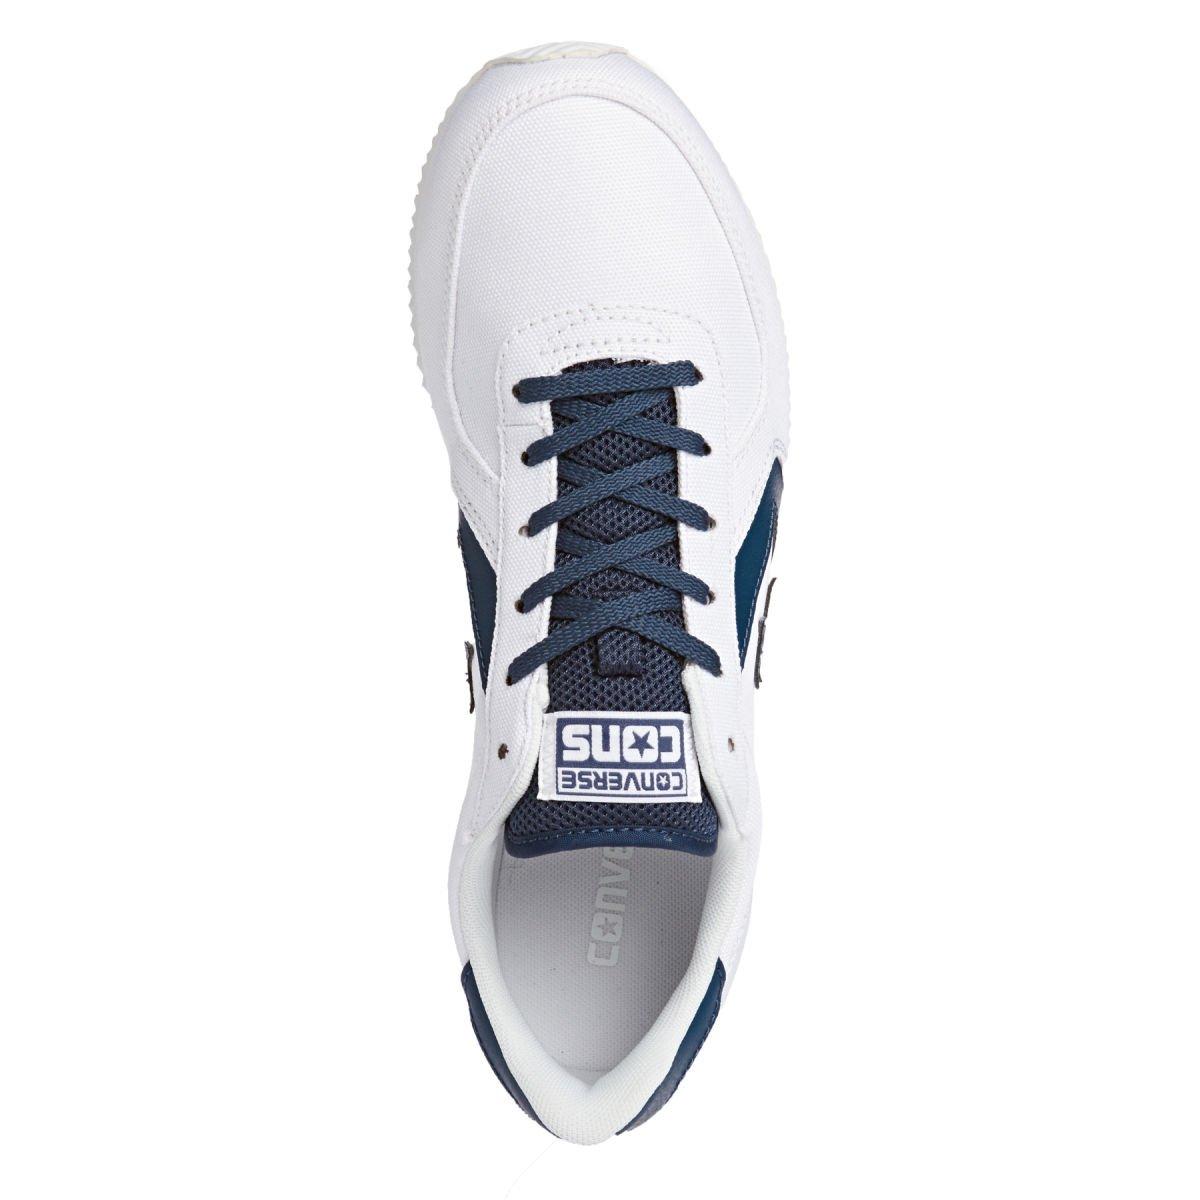 d902534366eb Converse - Arizona Racer - 147426C - Color  White - Size  11.5   Amazon.co.uk  Shoes   Bags